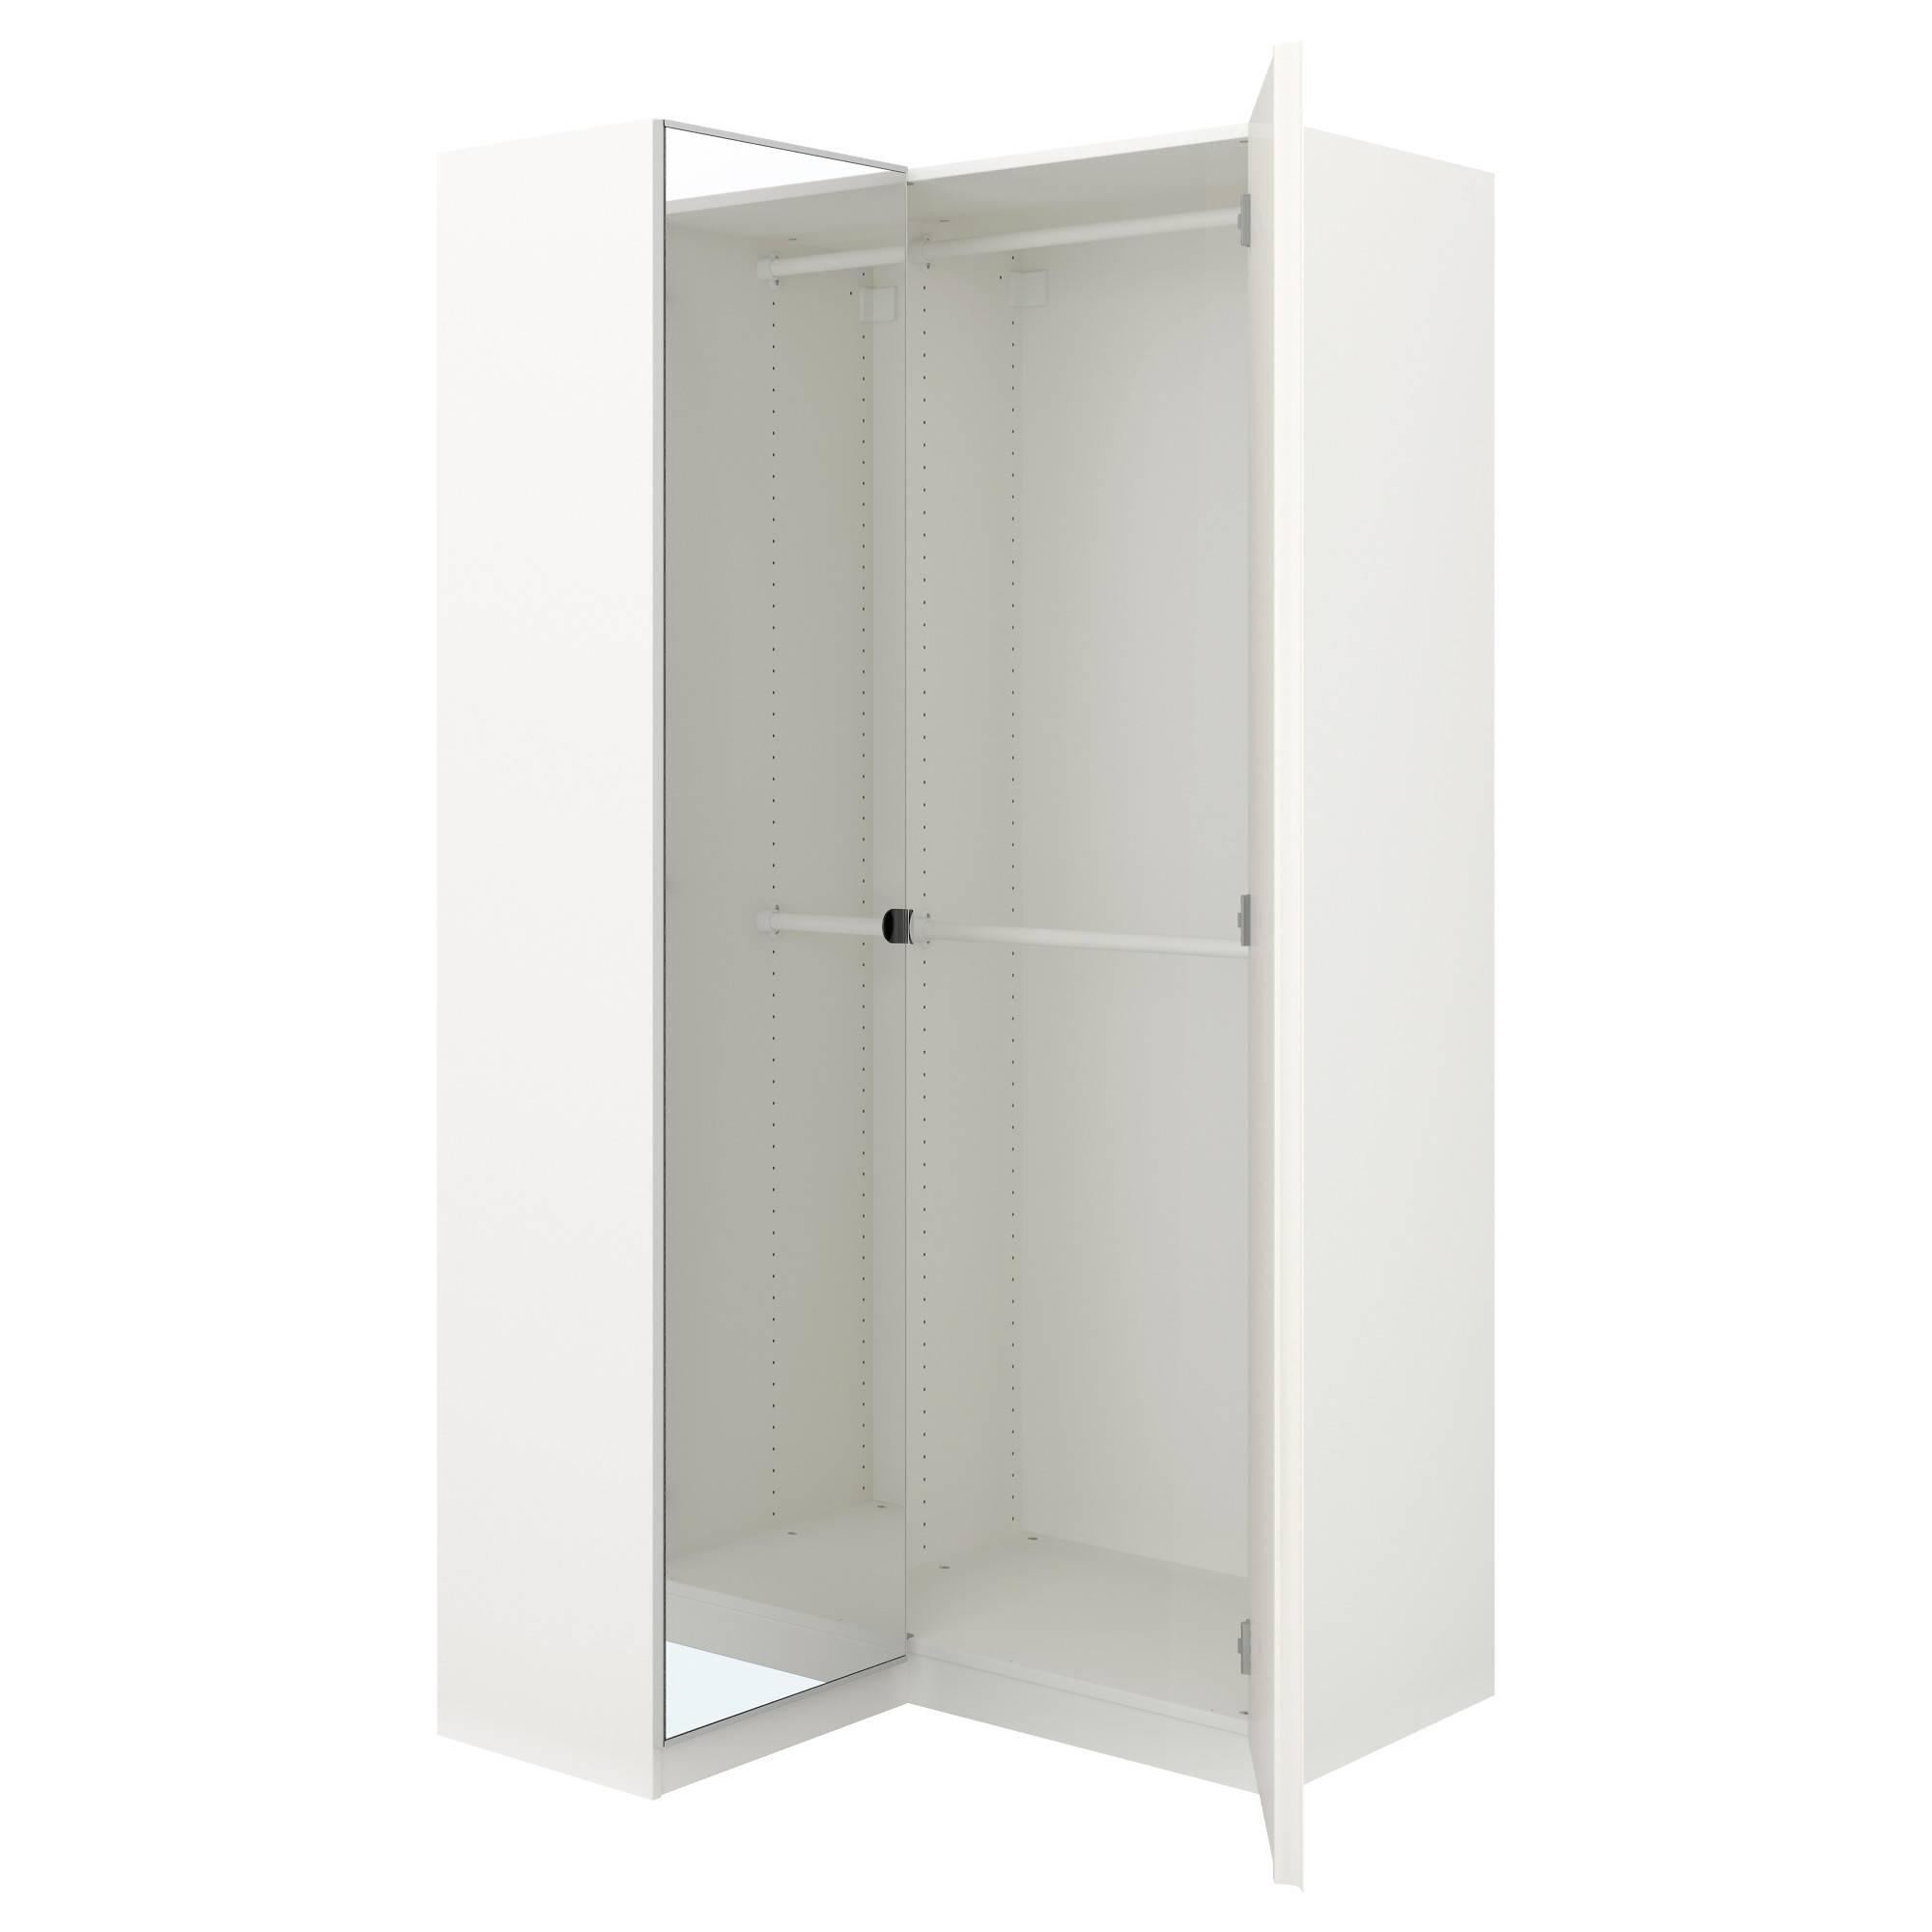 Pax Corner Wardrobe White/fardal Vikedal 111/88X201 Cm - Ikea pertaining to Corner Wardrobes (Image 13 of 15)